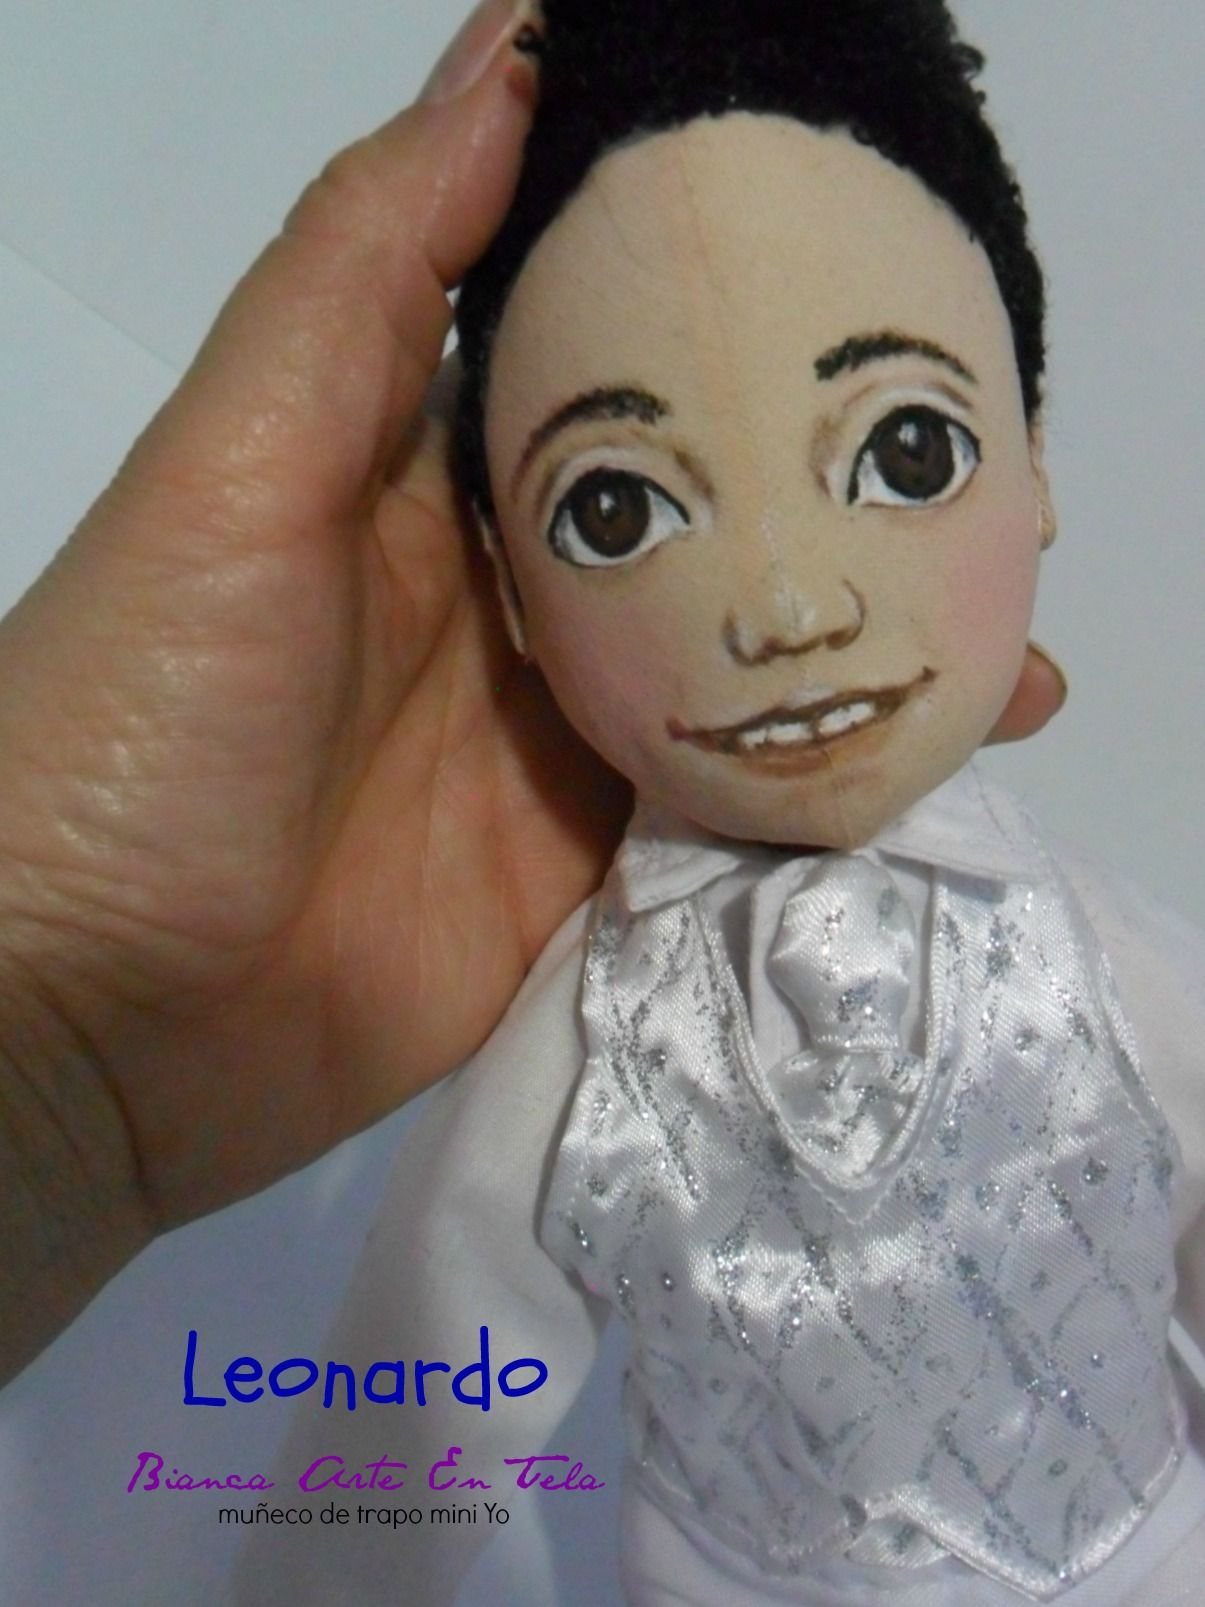 Muñeco hecho a mano personalizado